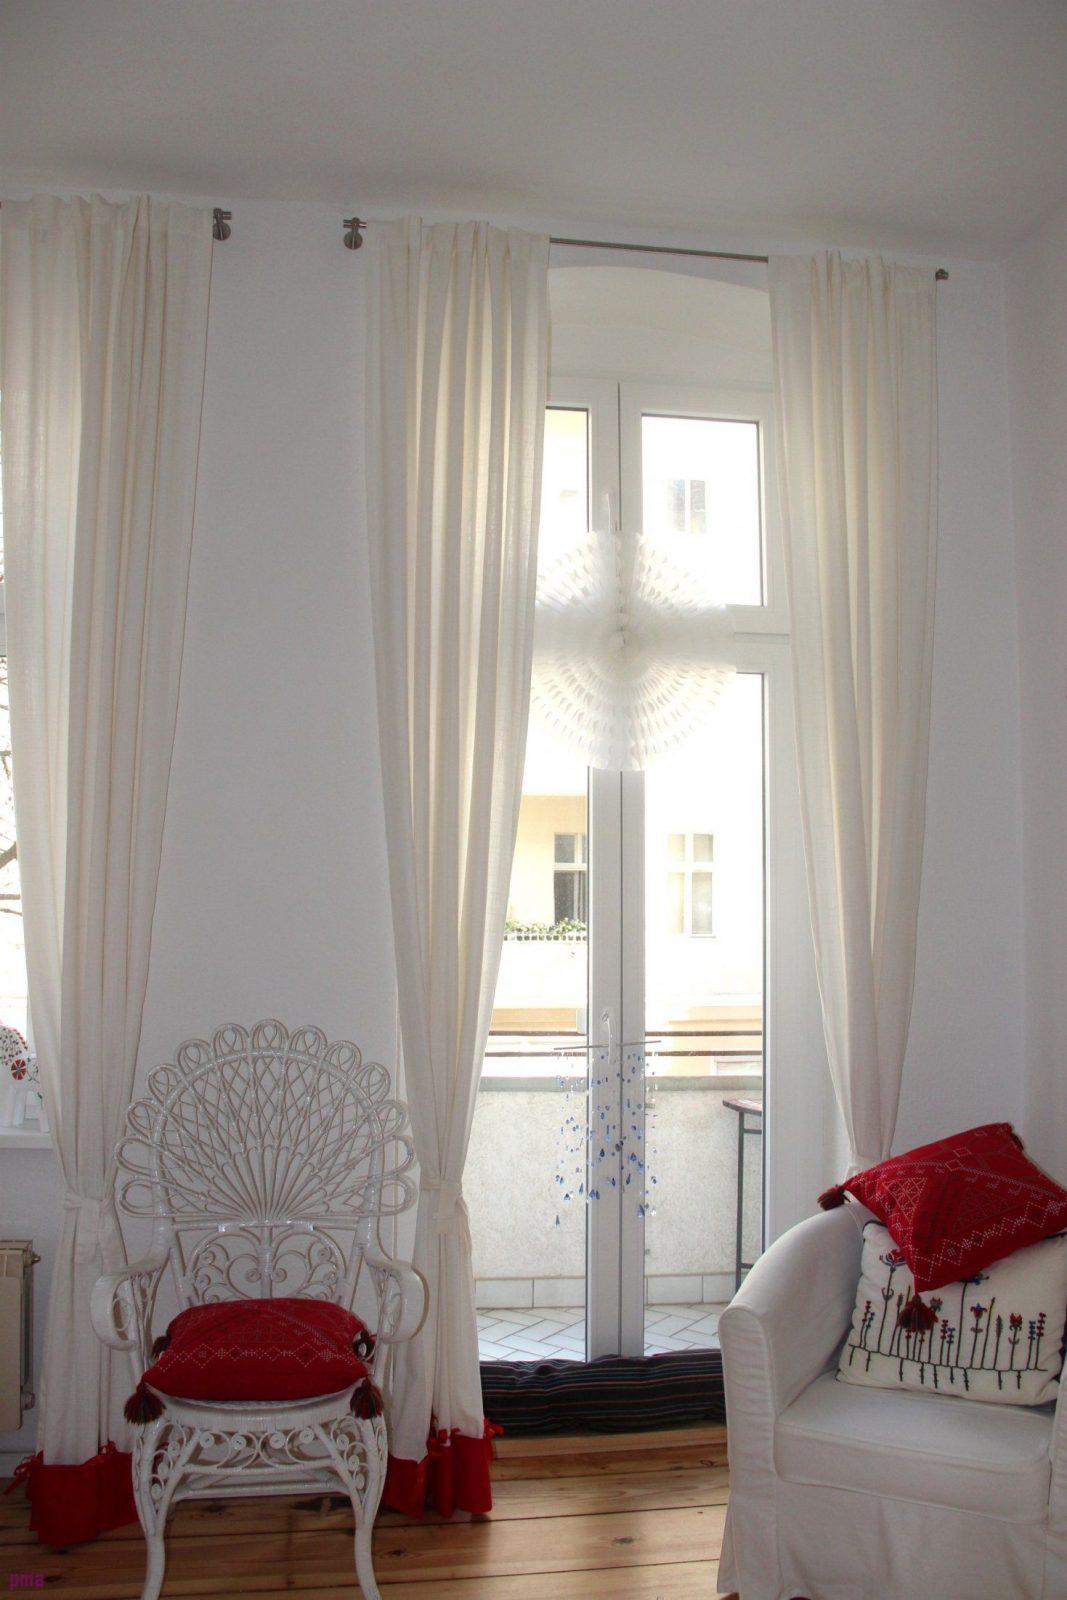 39 Frisch Layout Über Gardinen Wohnzimmer Kurz  Beste Inspiration von Kurze Gardinen Wohnzimmer Bild